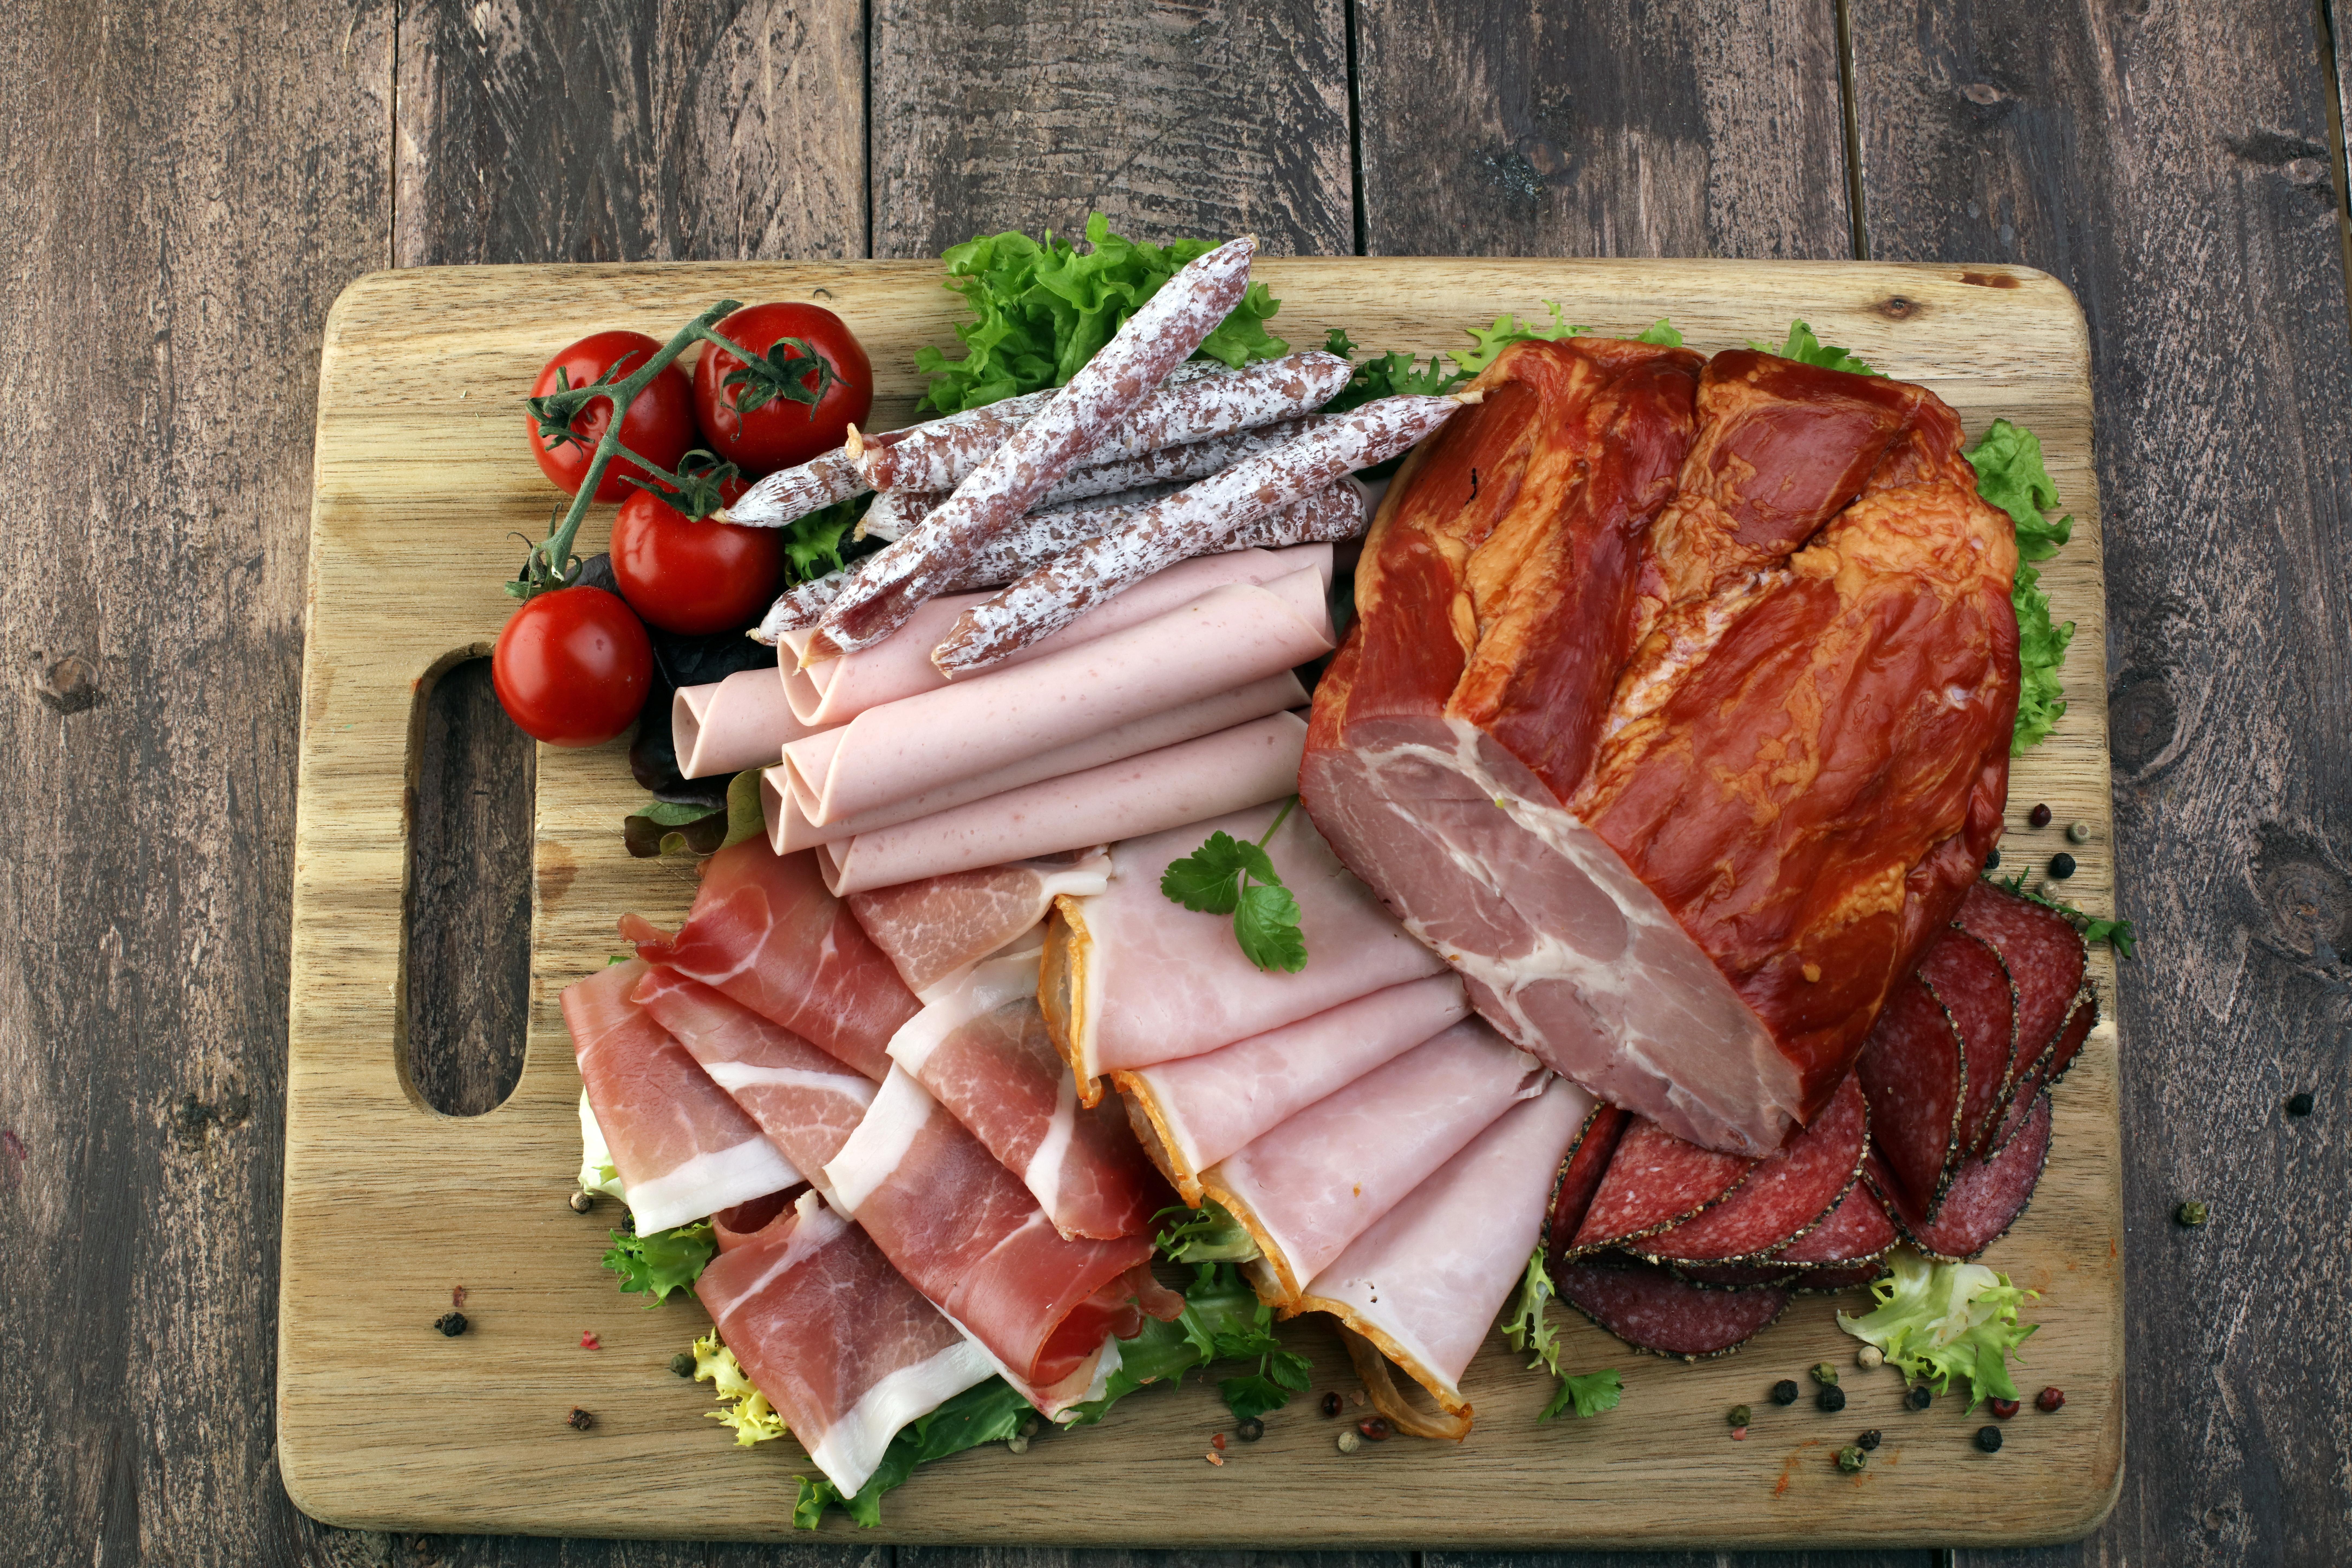 днем рождения копченое мясо картинки покрытию предъявляются высокие